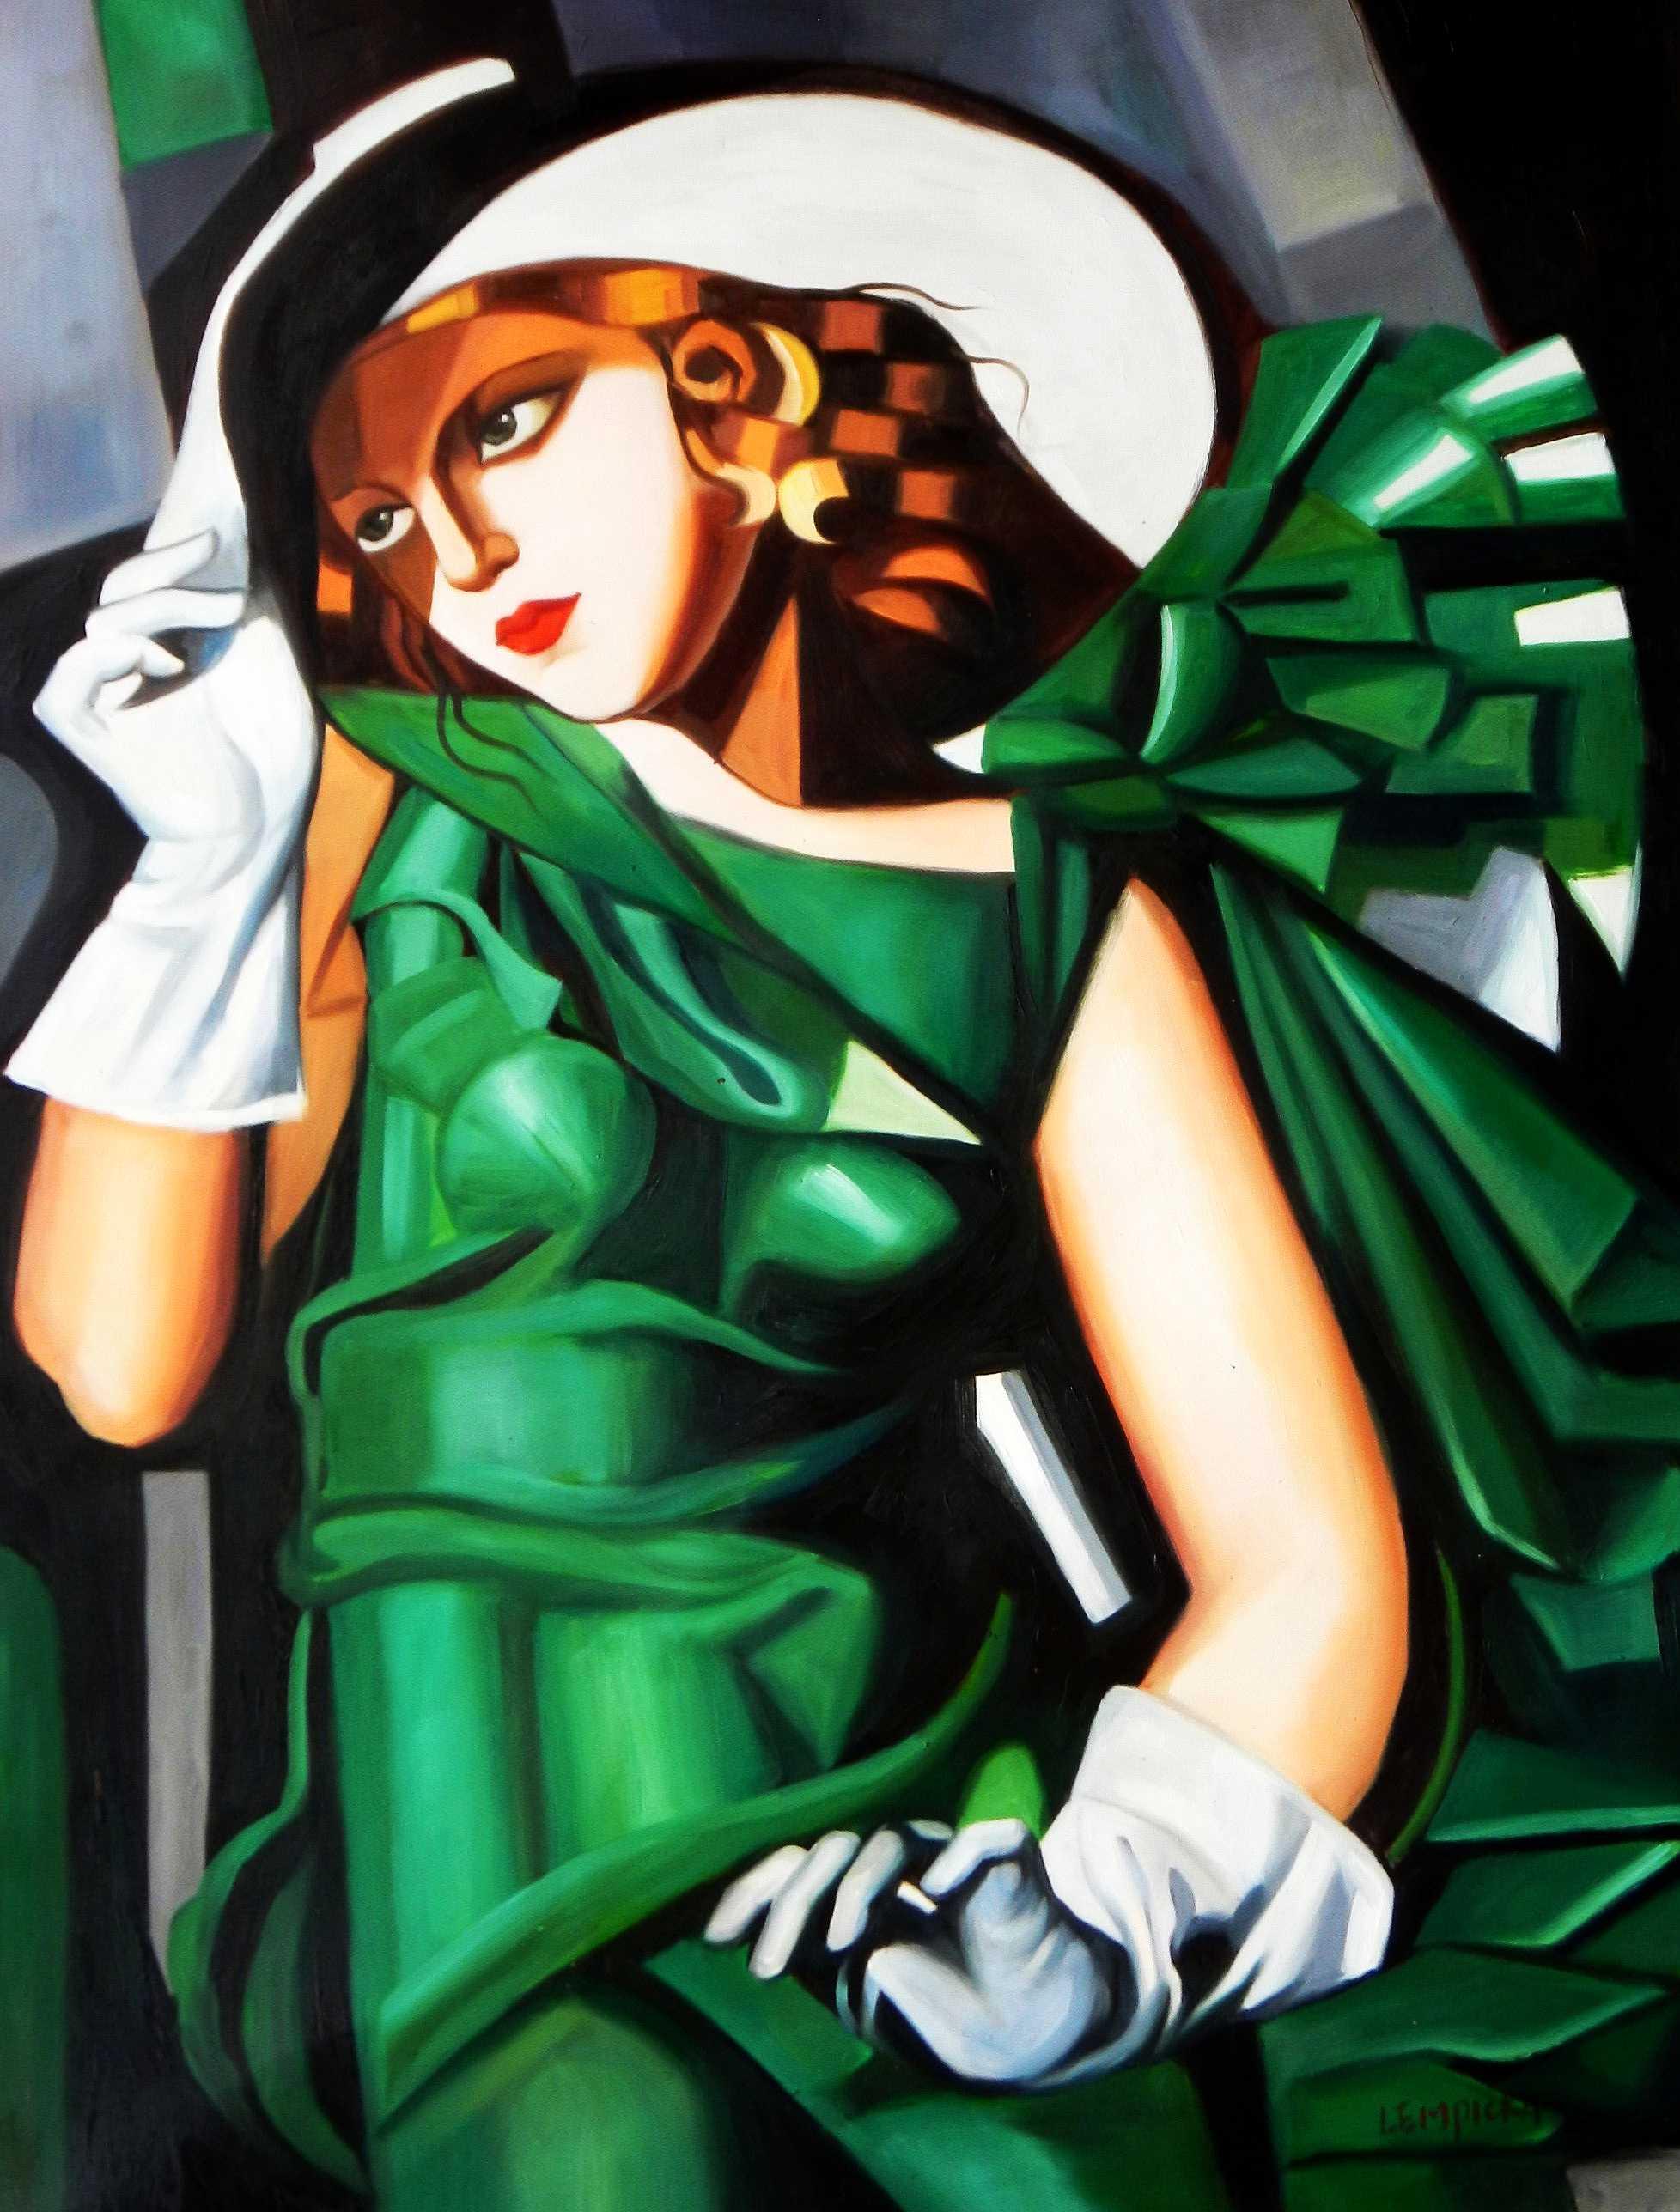 Homage to T. de Lempicka - Mädchen in Grün mit Handschuhen k95295 90x120cm Ölbild